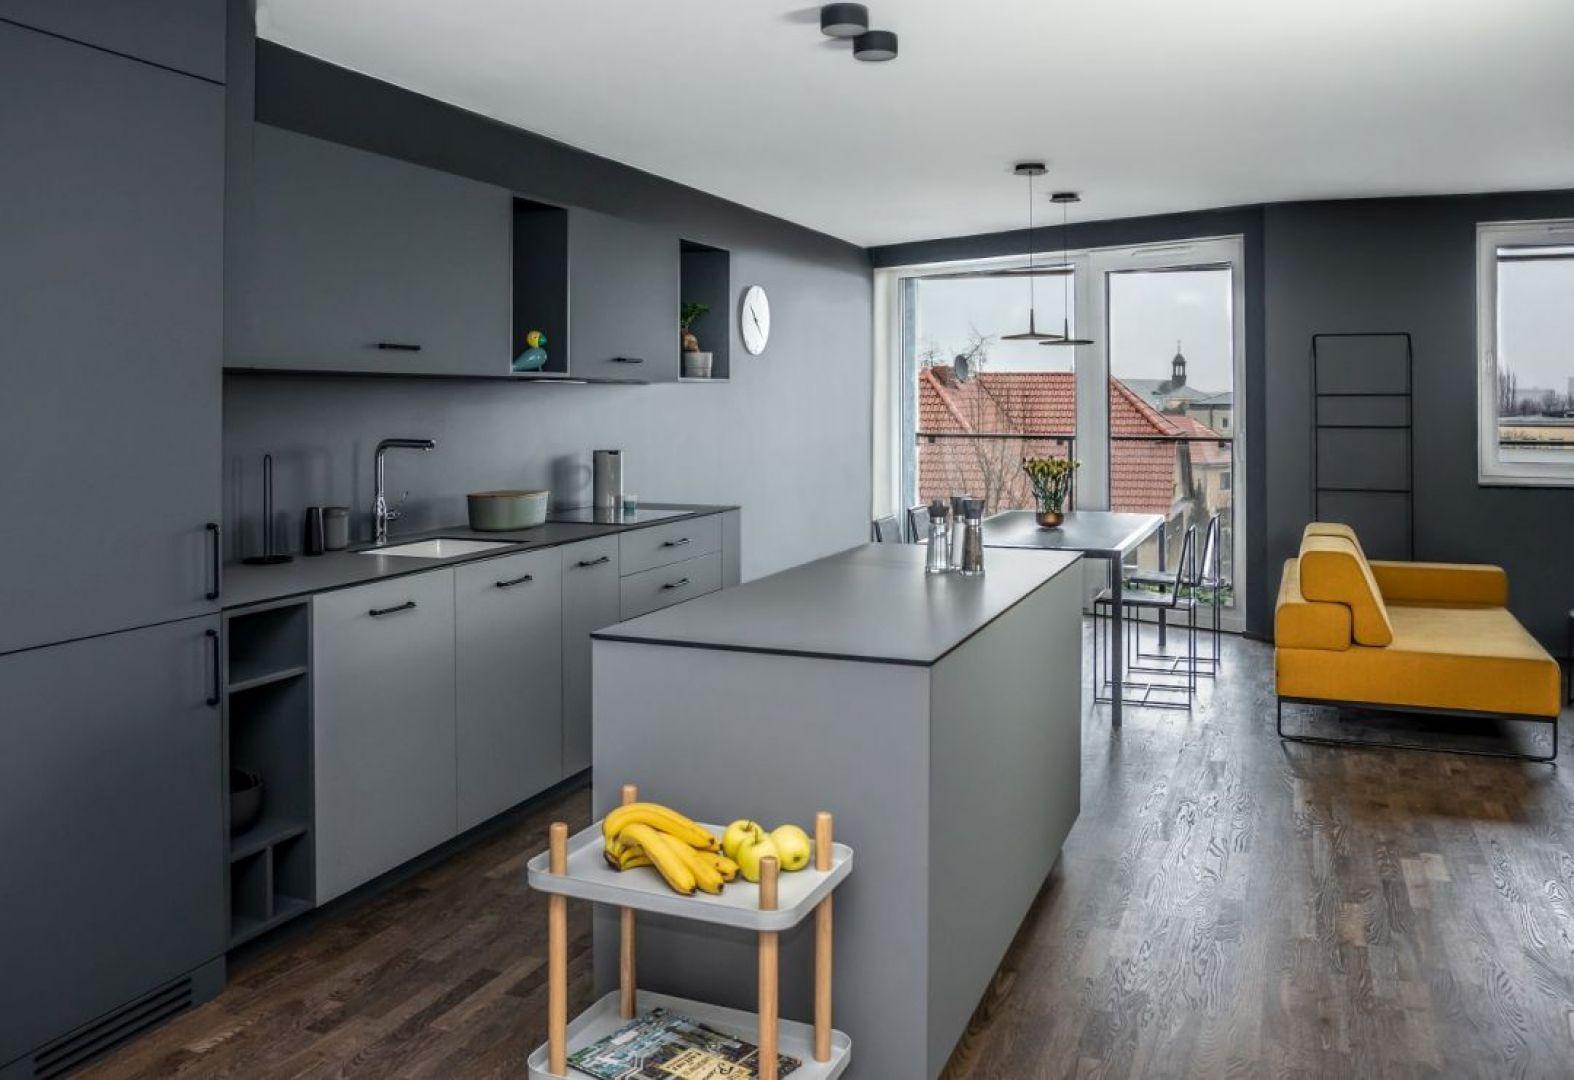 Apartament projektu Kasi Orwat na poznańskim osiedlu Wilda. Fot. Dekorian Home